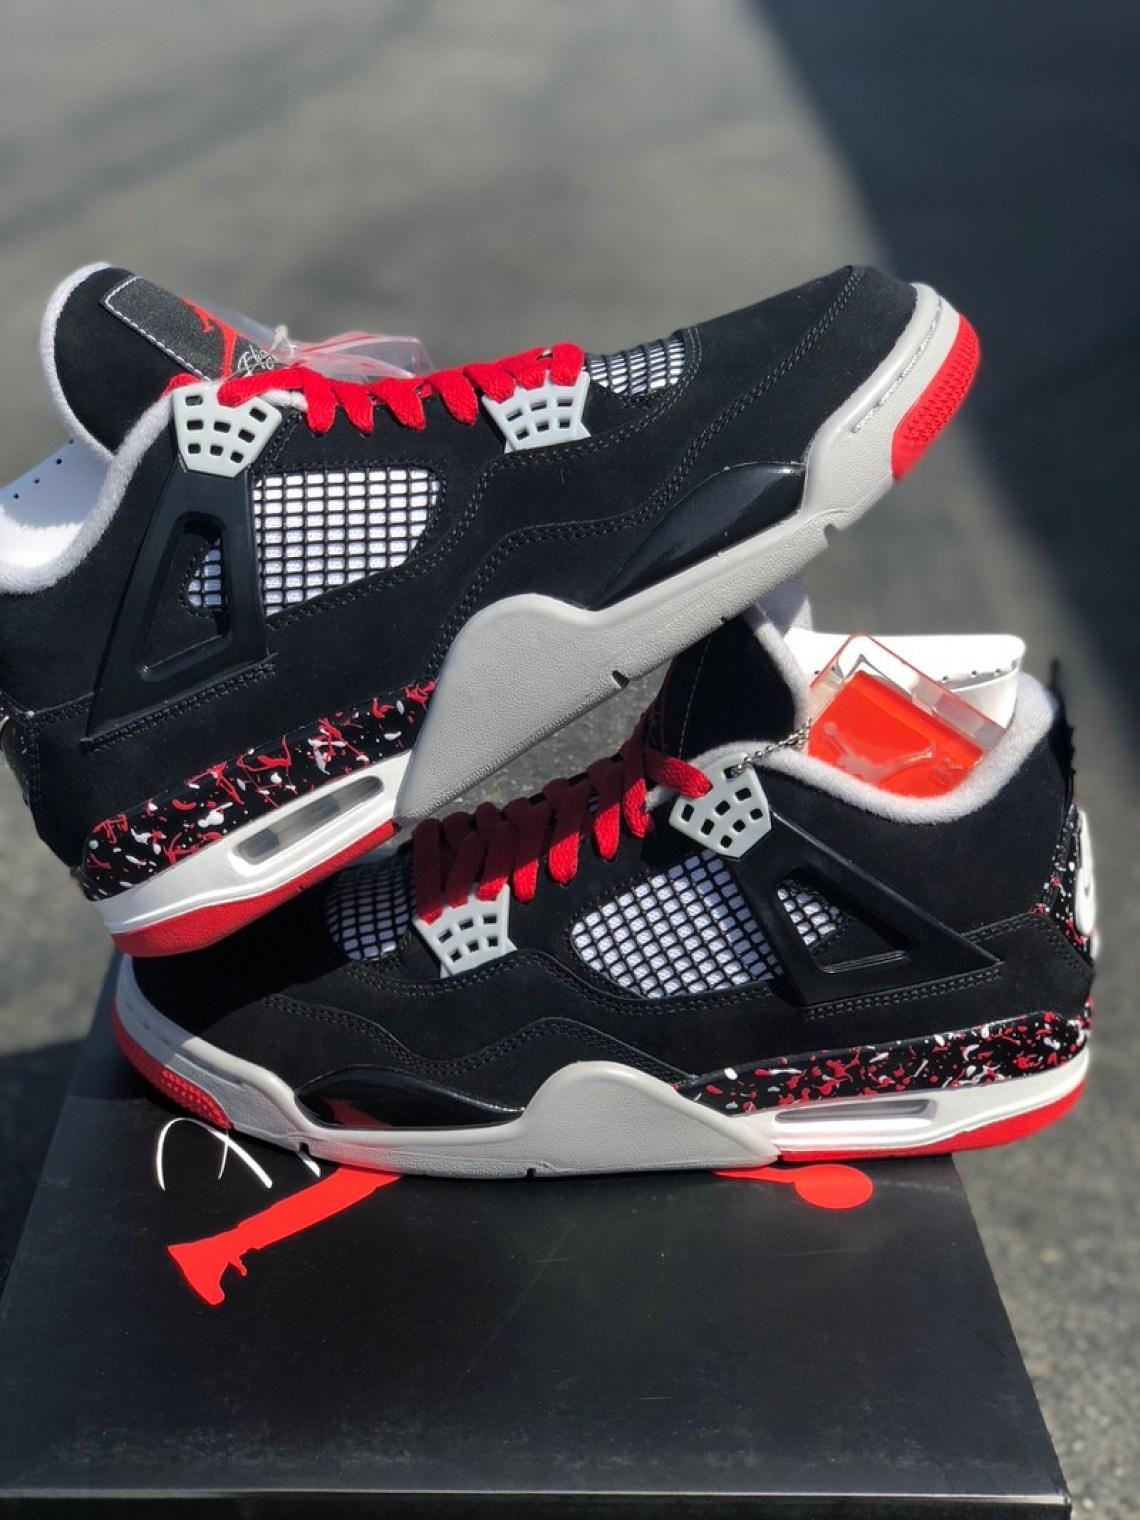 ad08ebf971ec27 Air Jordan 4